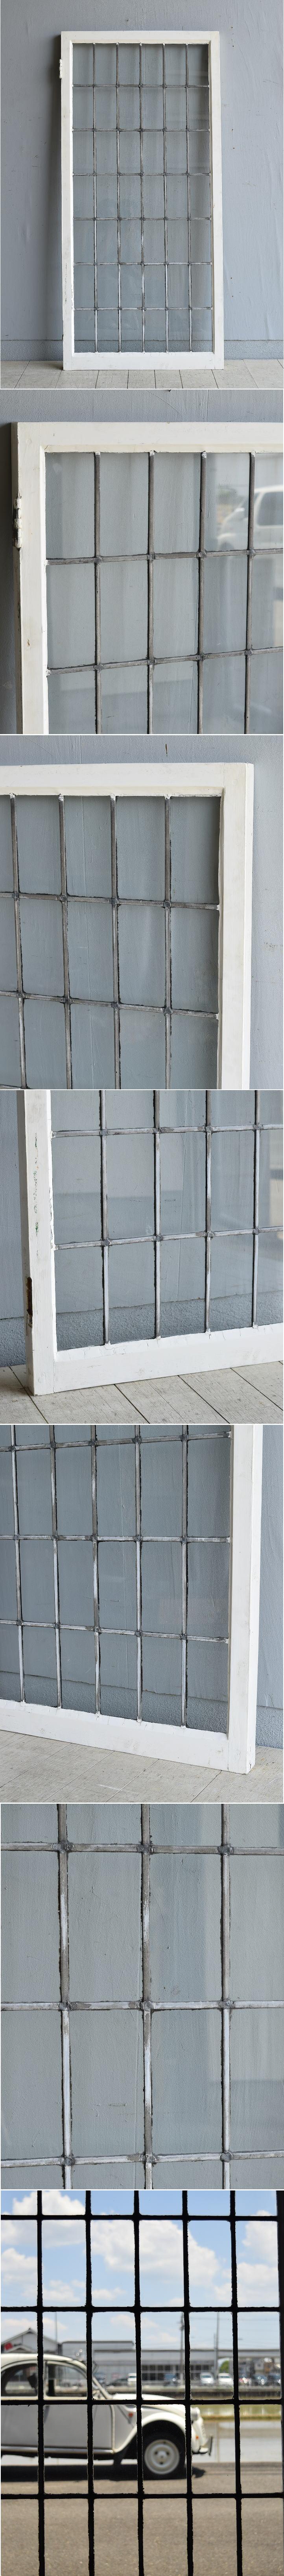 イギリス アンティーク 窓 無色透明 8004